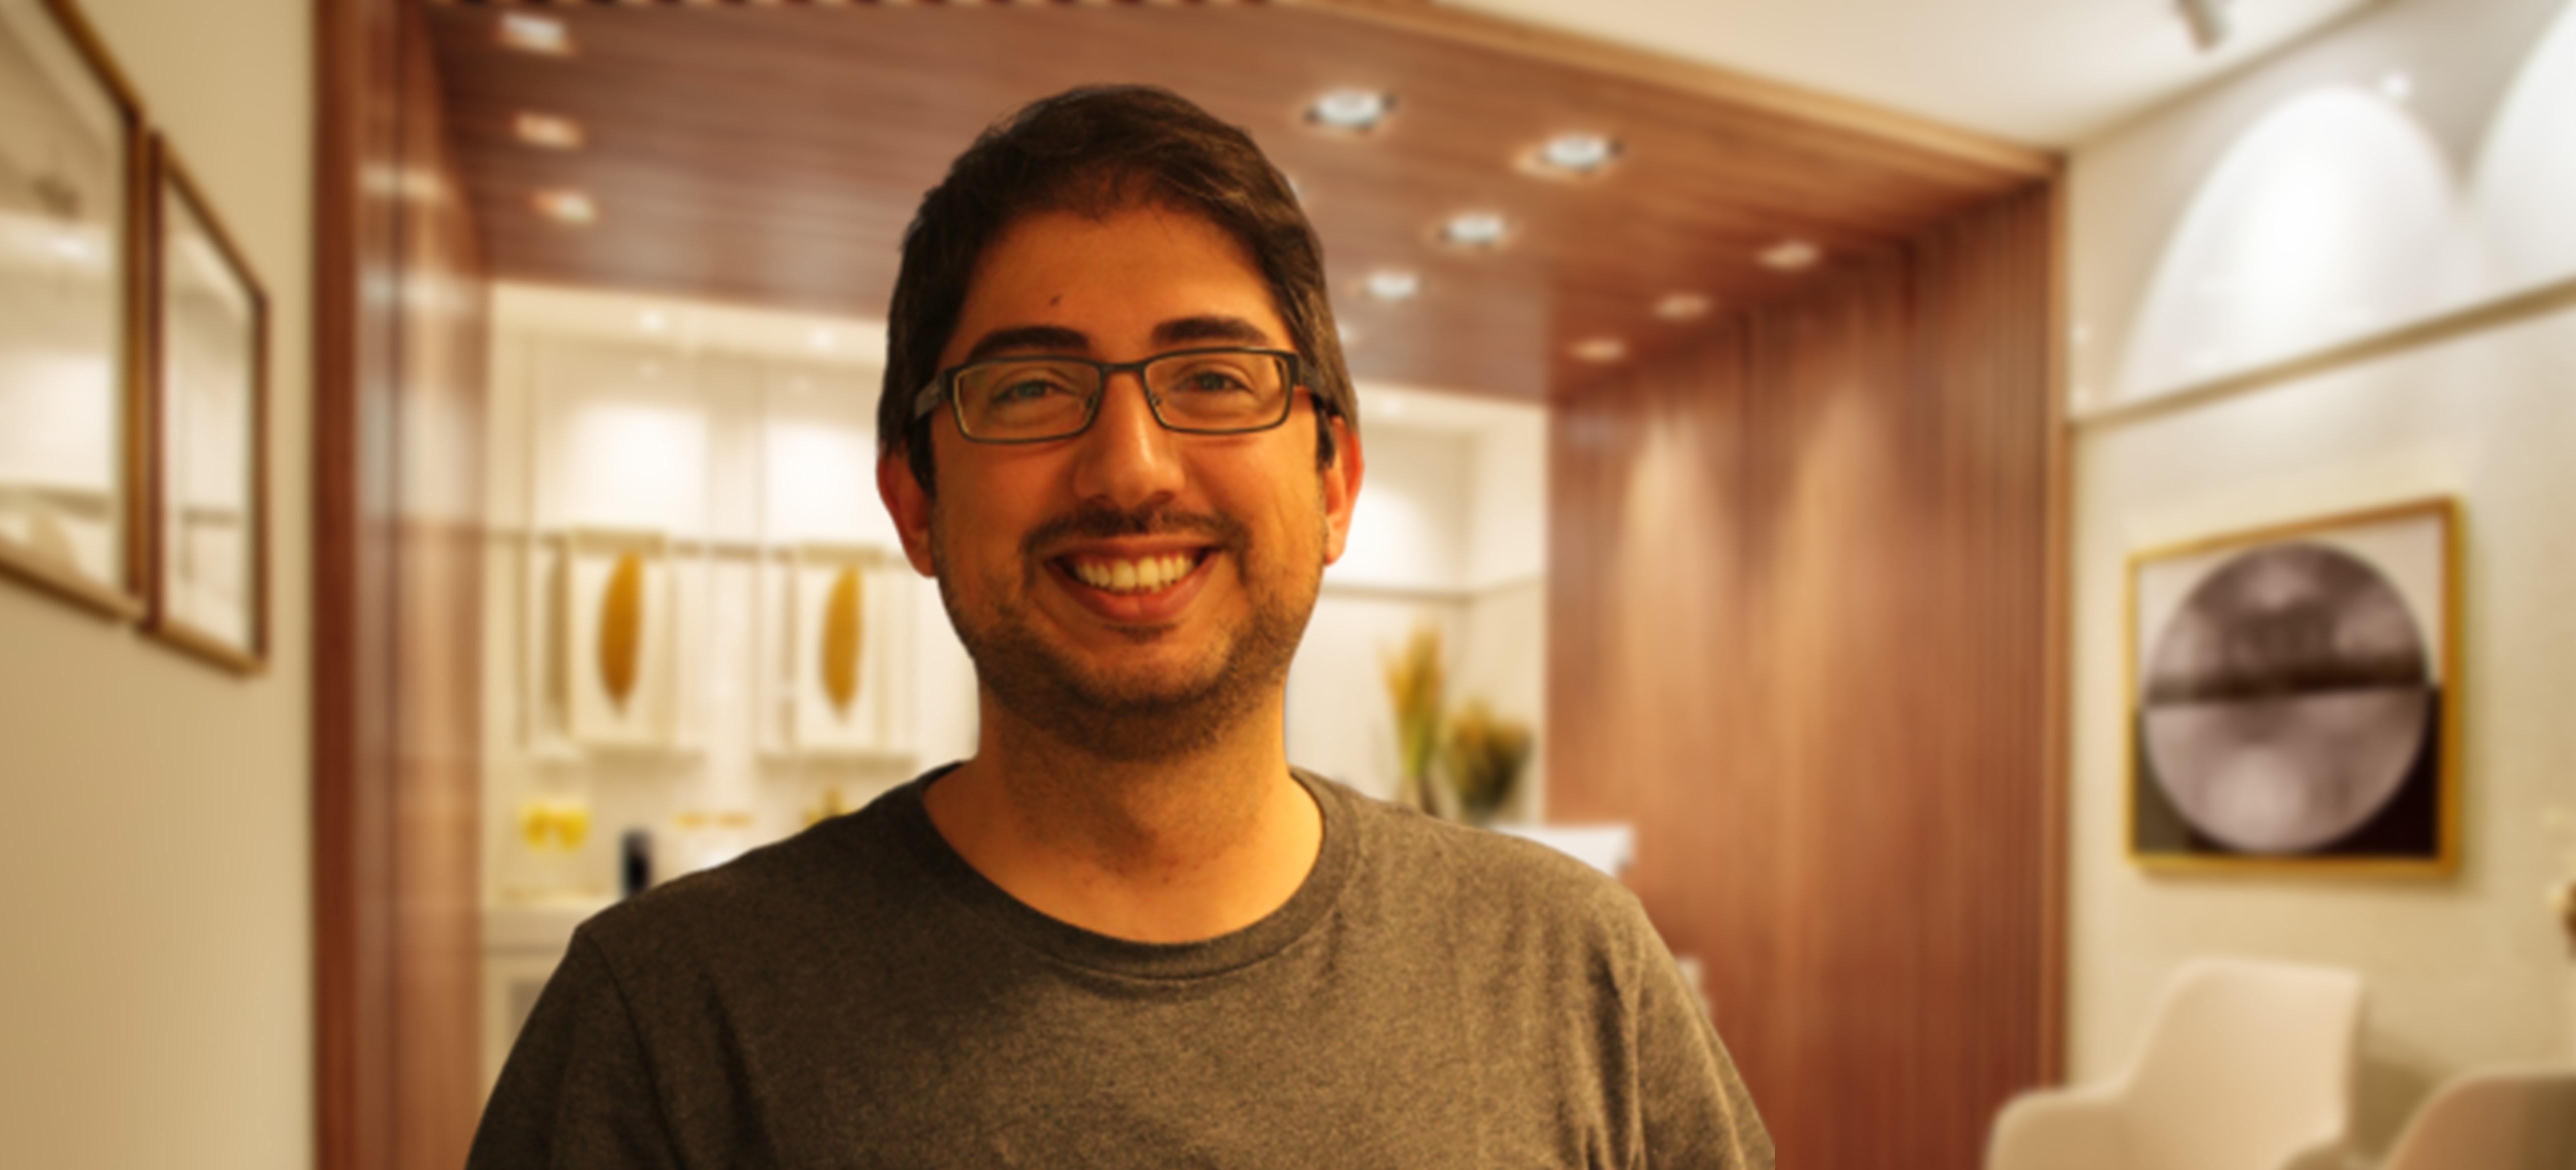 Startup lança plano inédito de salário por assinatura - Empreendedor